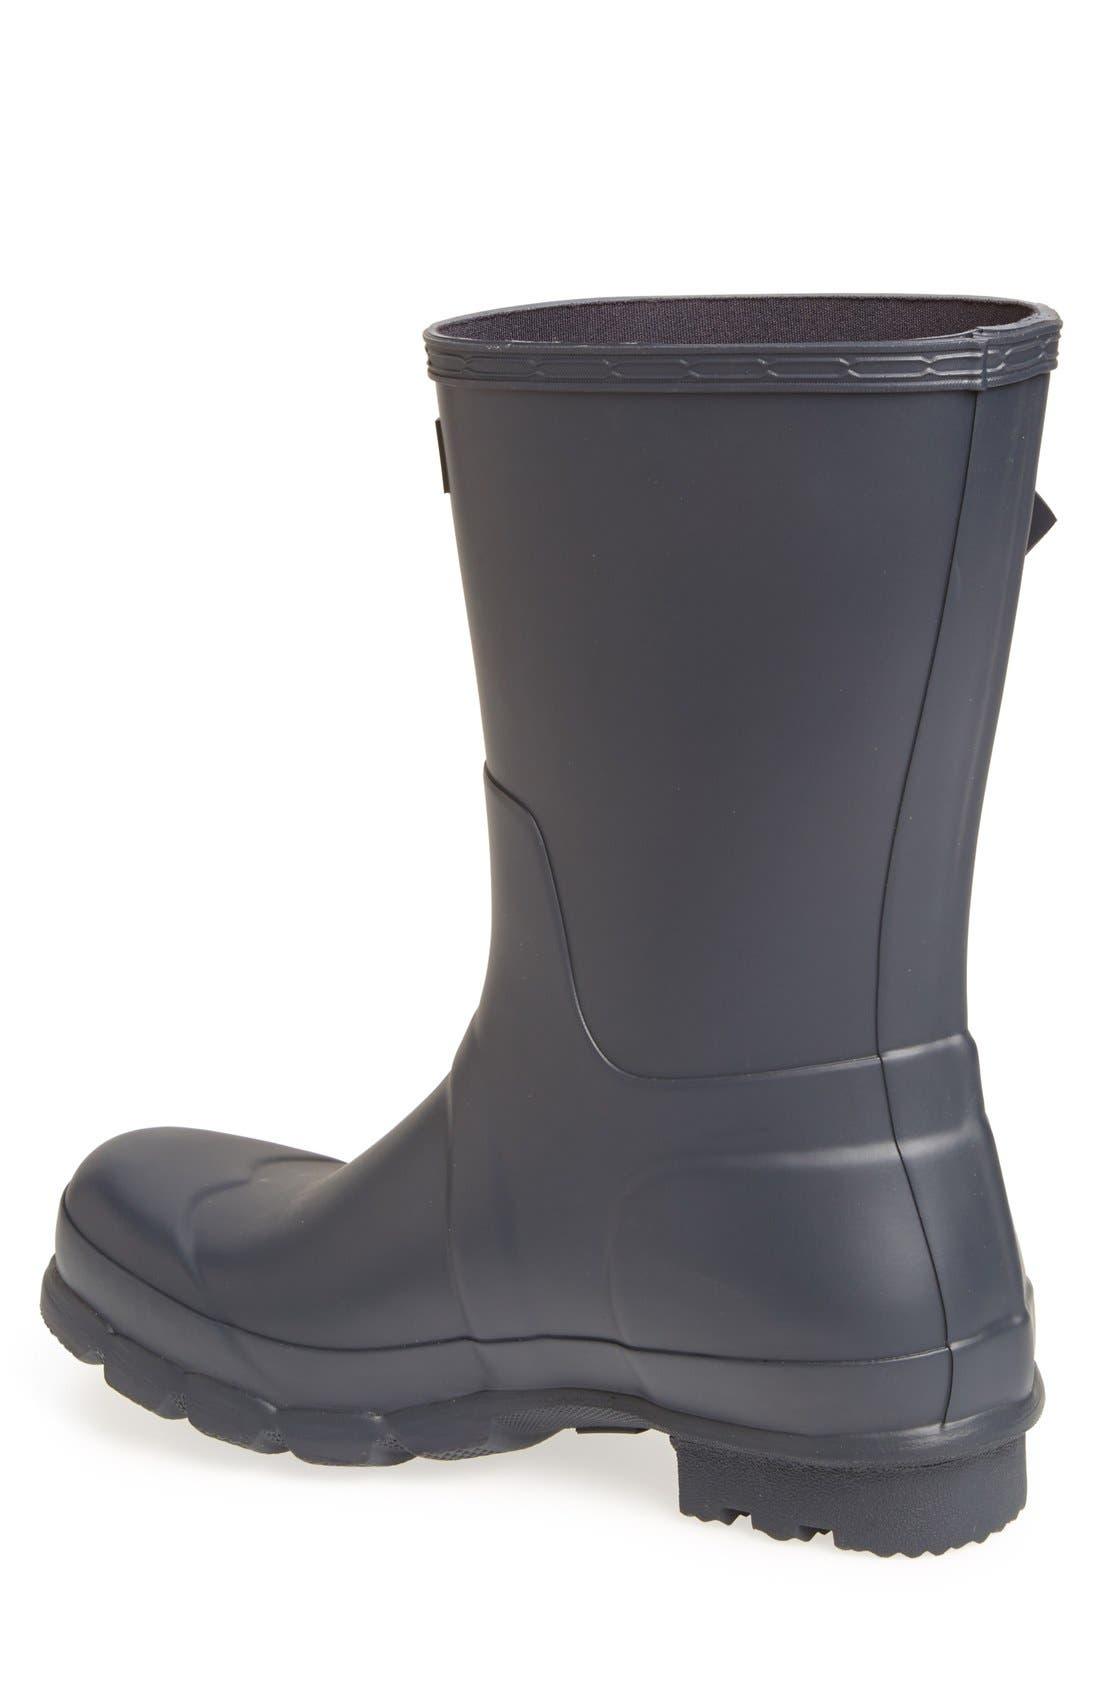 ccd3fe83c684 Men s Rain Boots